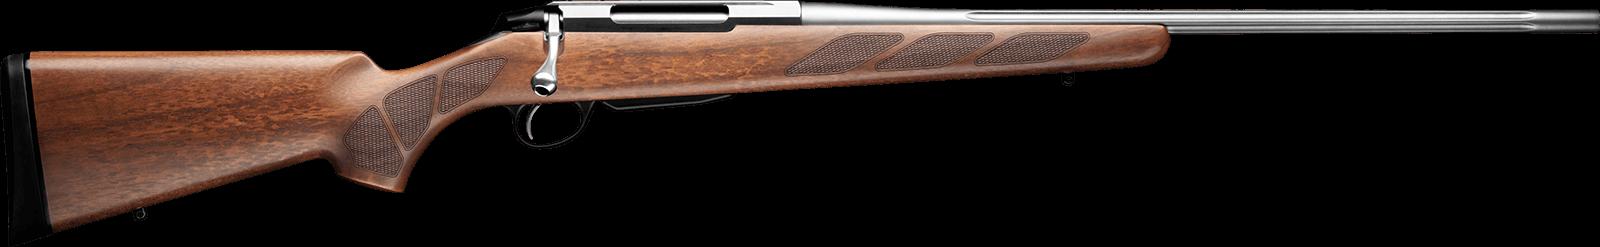 Tikka T3X 308Win Hunter Fluted SS kivääri